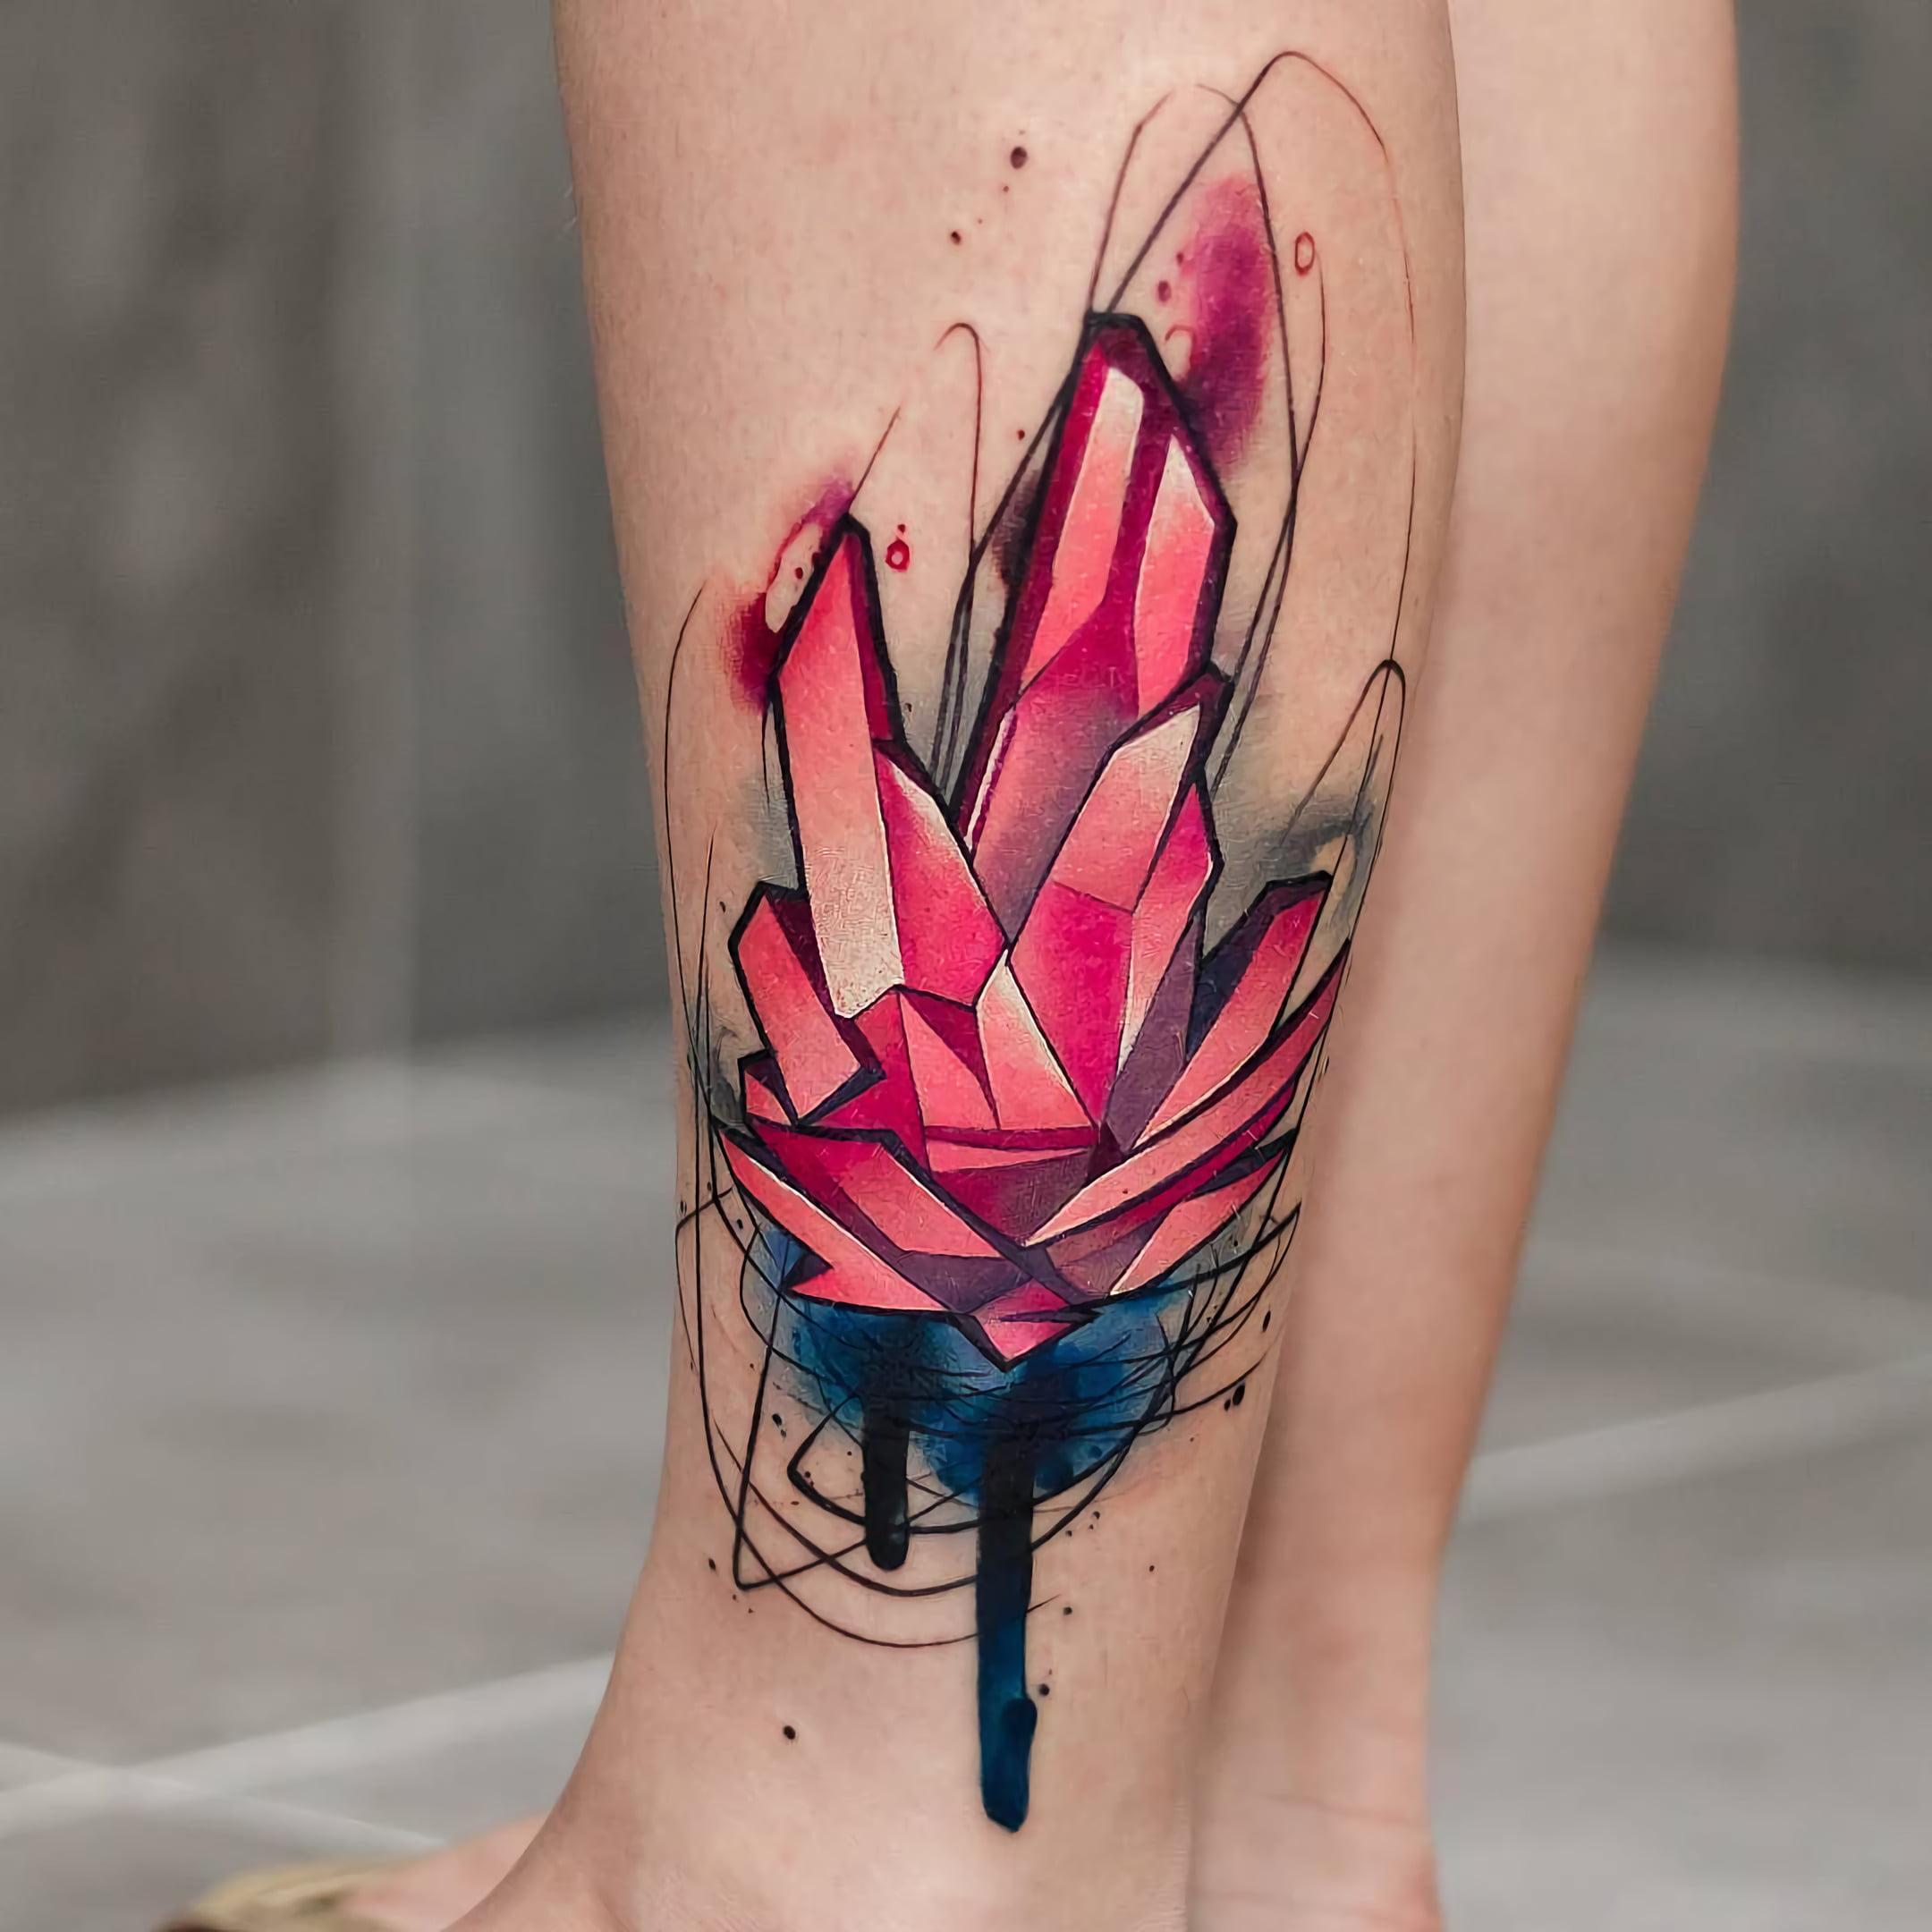 татуировка абстрактного кристала